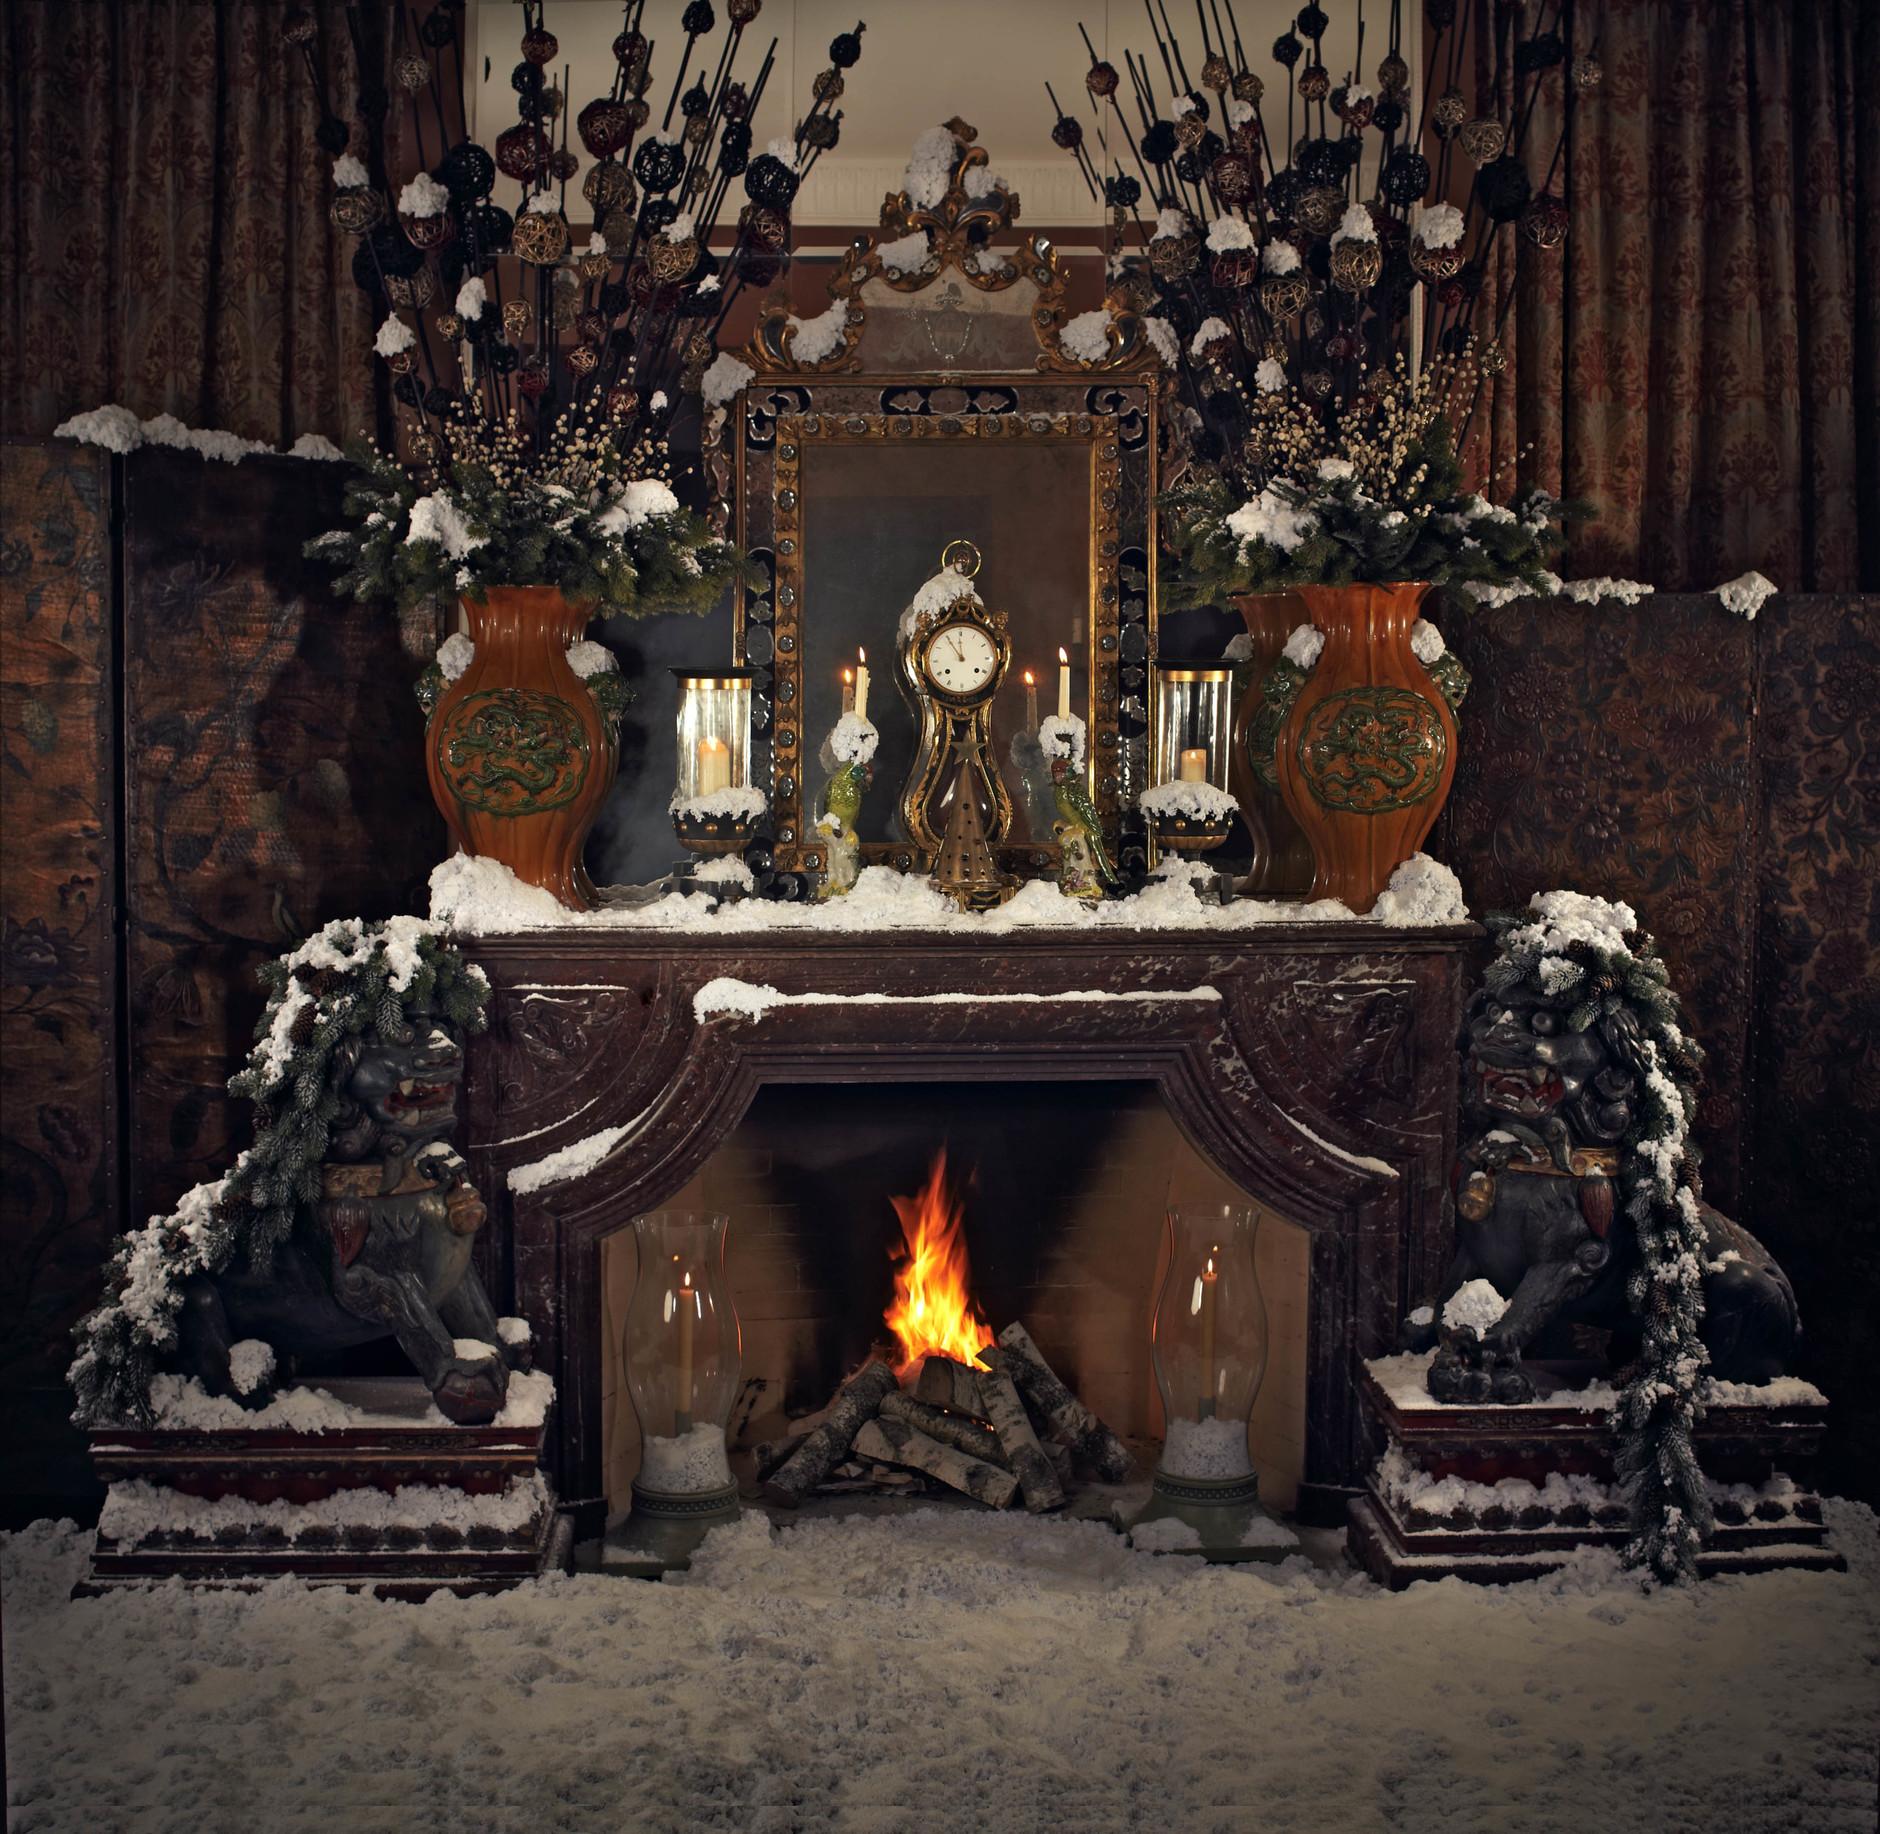 Рождество у камина: 10 идей праздничного декора (галерея 0, фото 2)